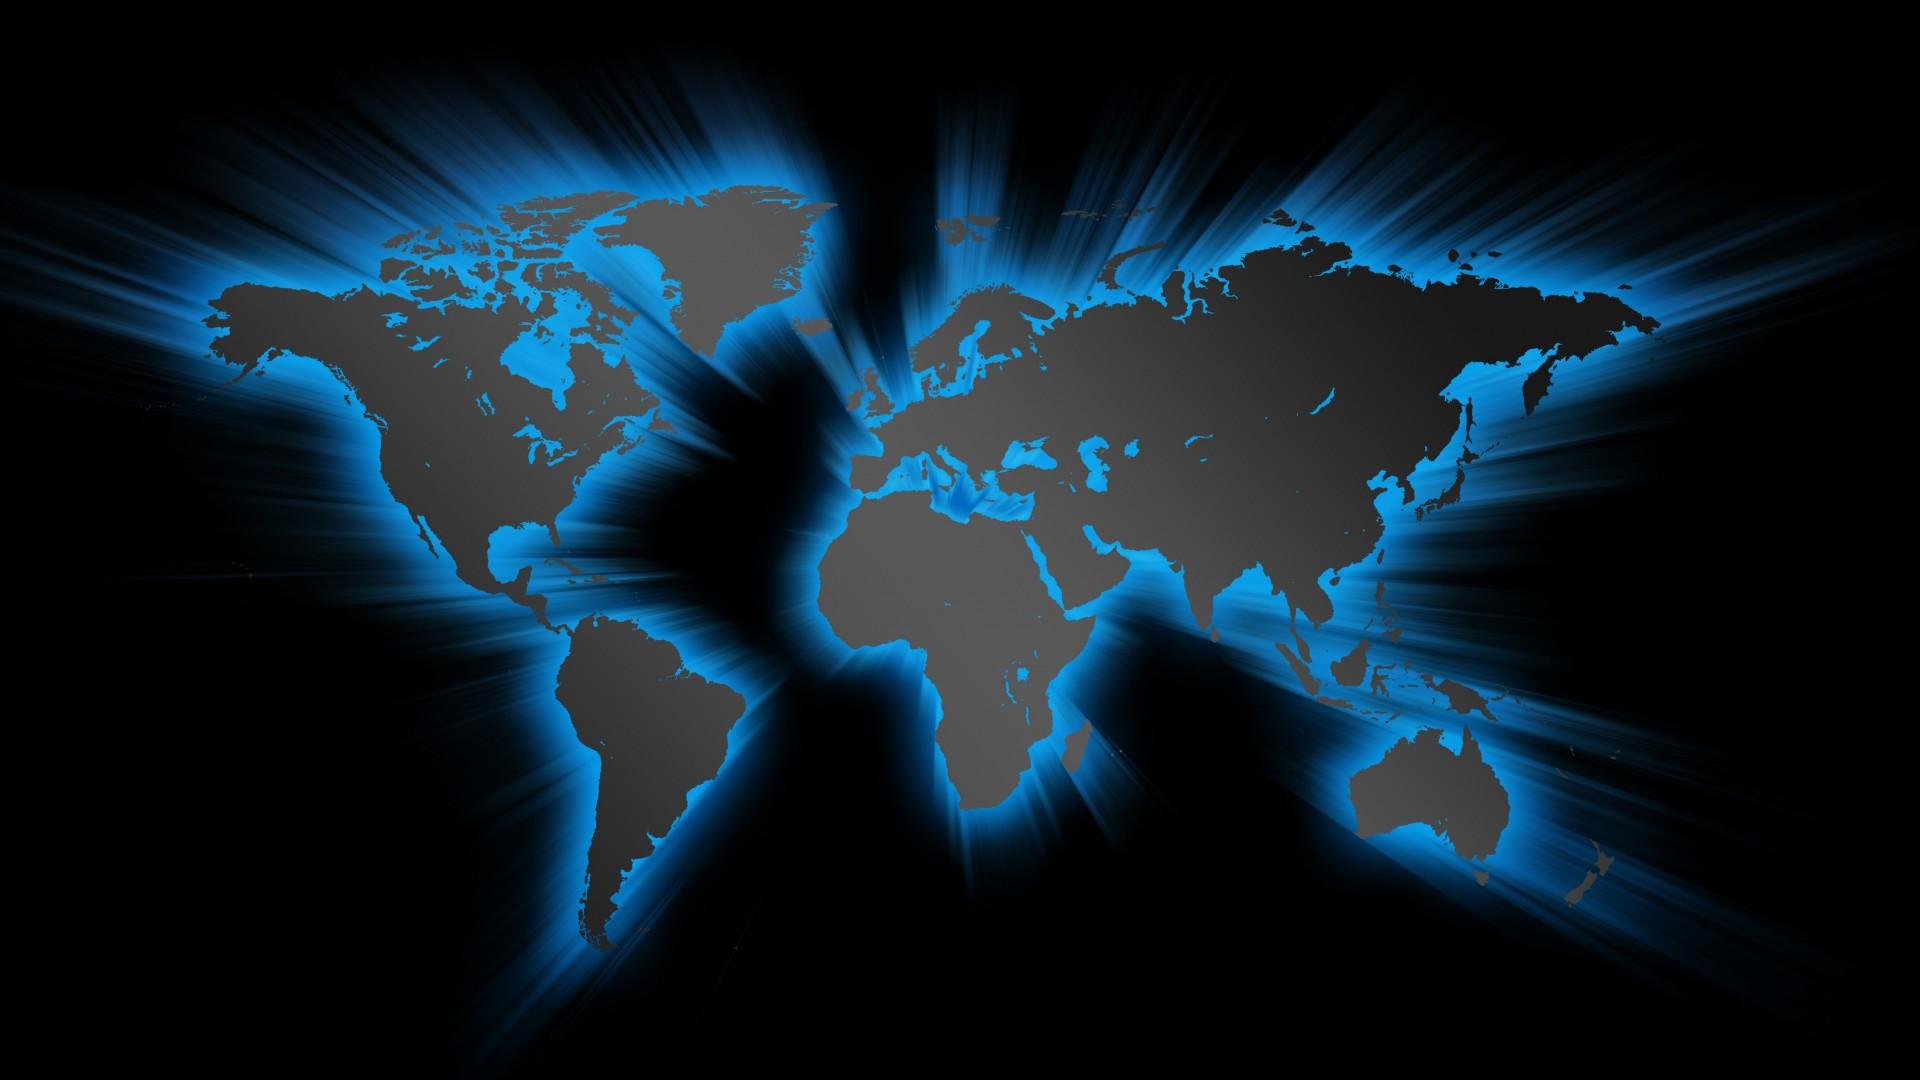 Blue Effect World Map